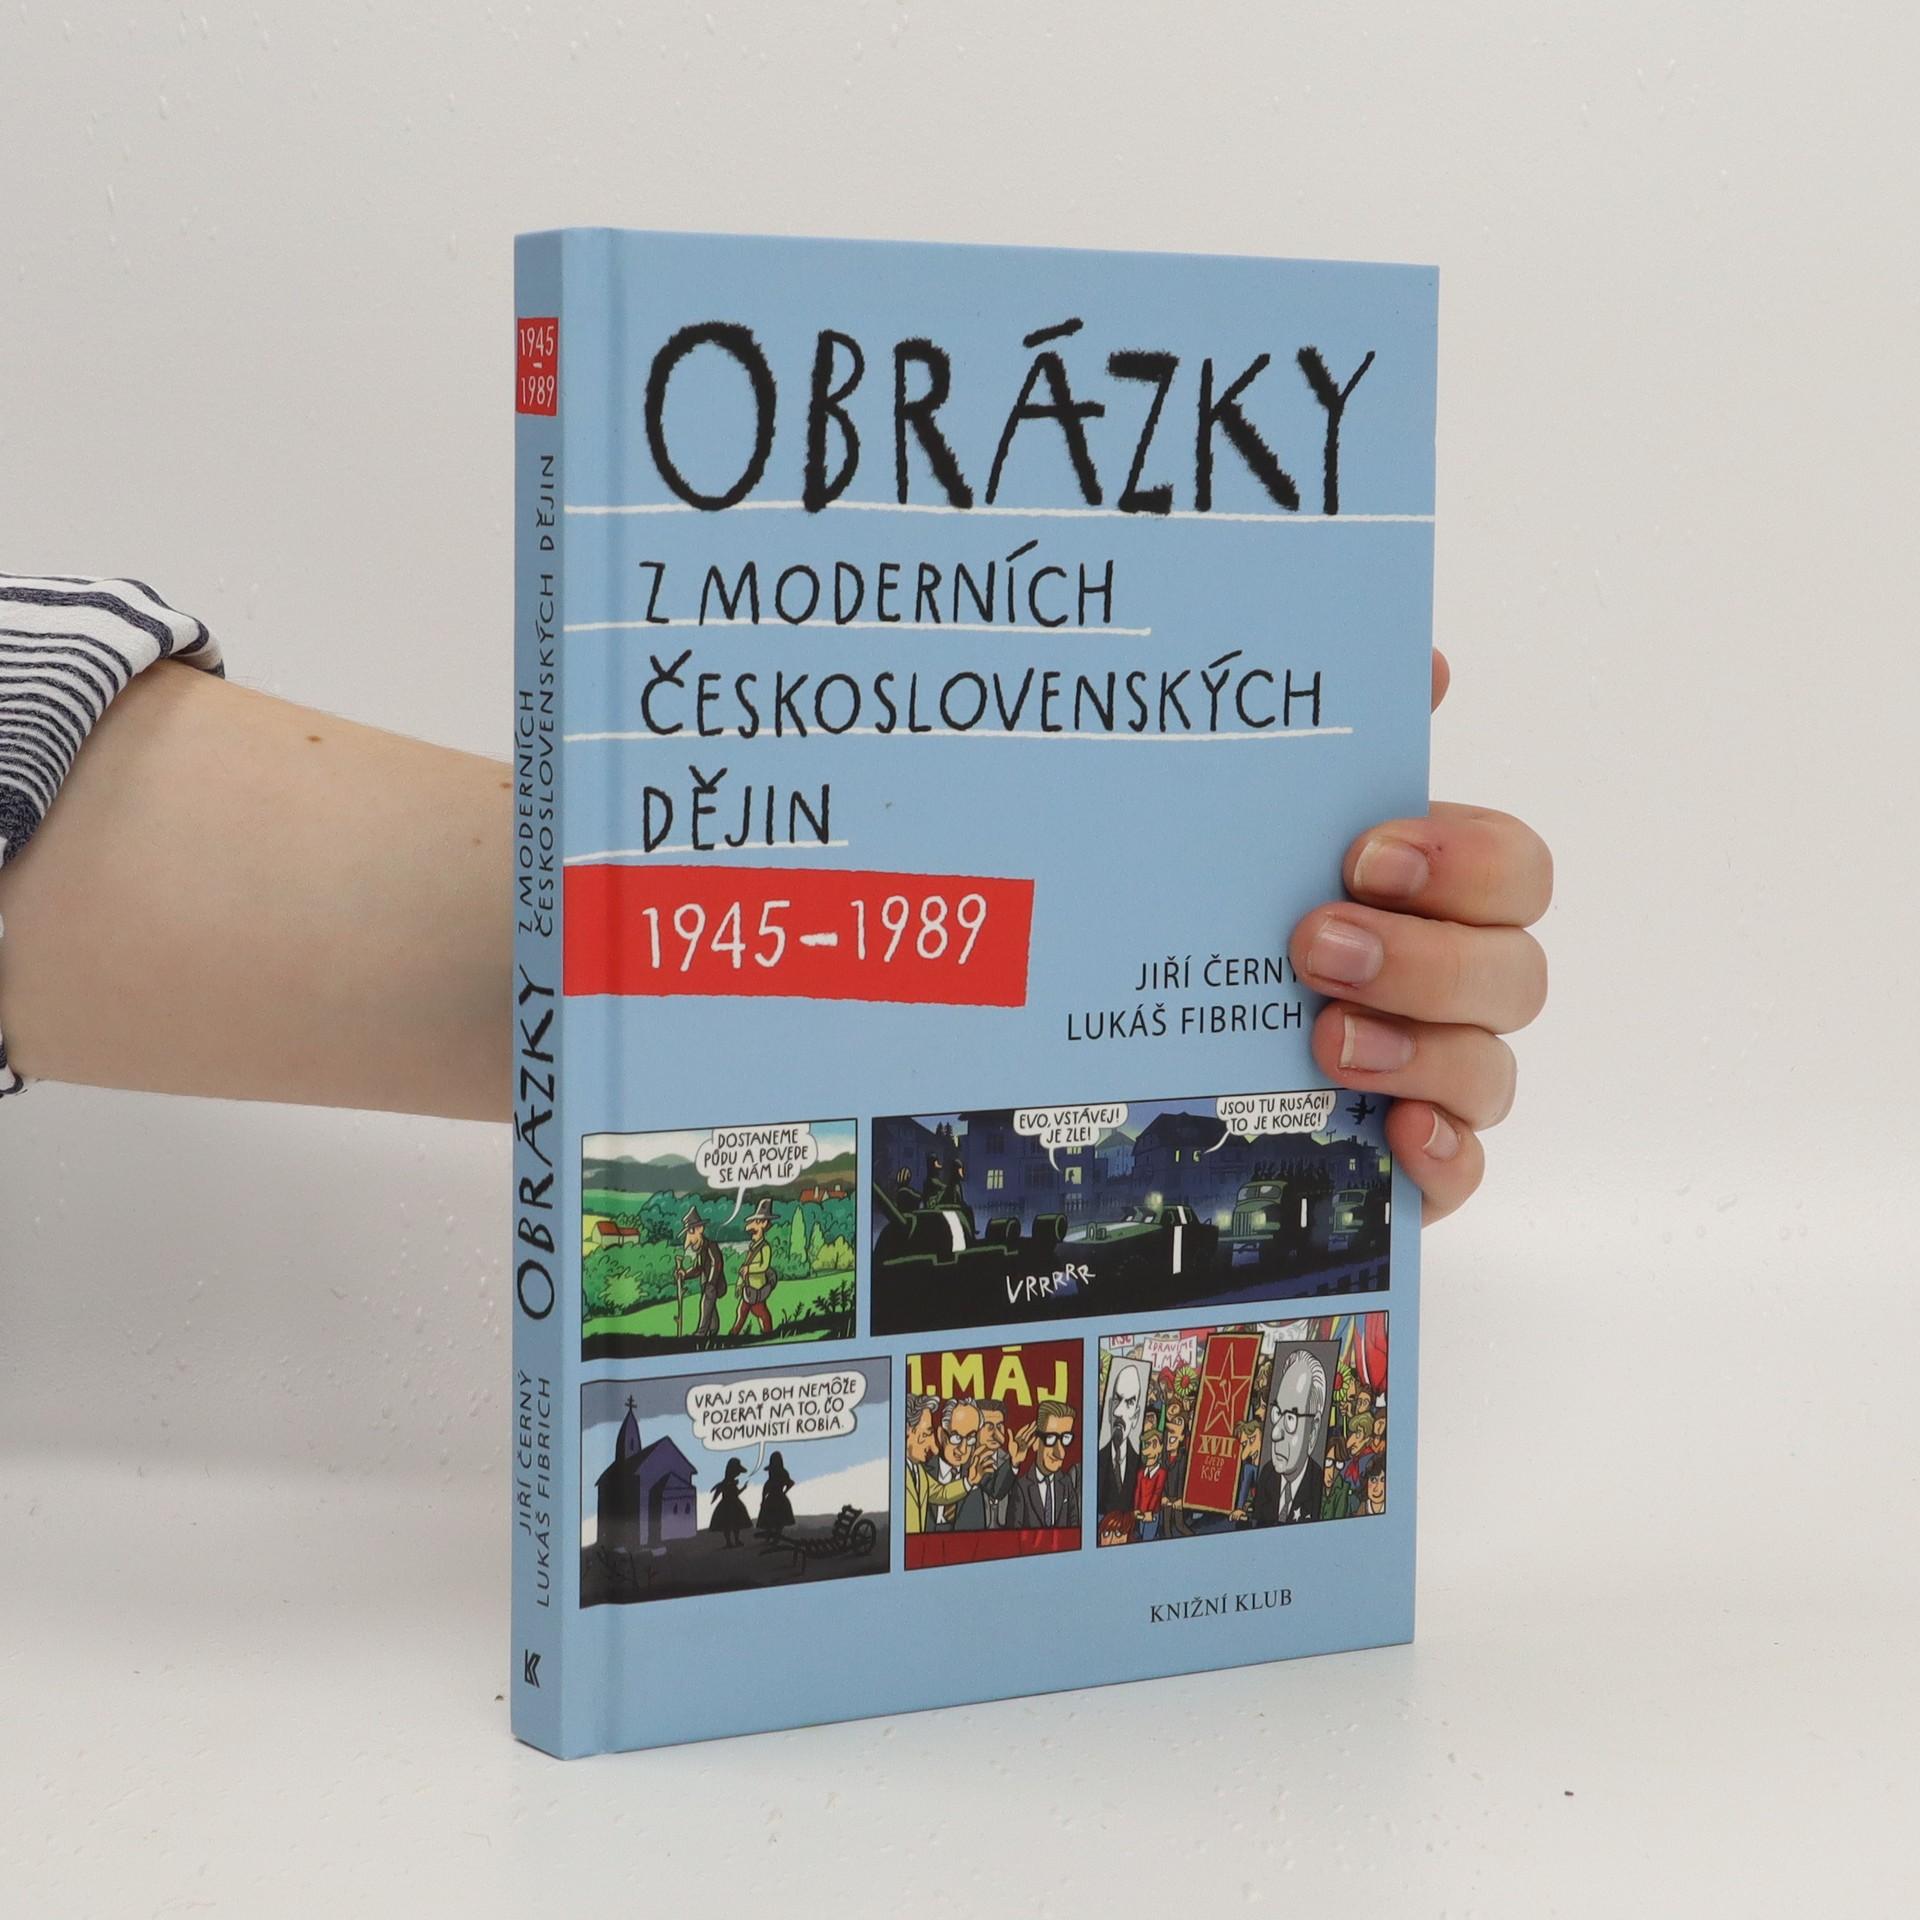 antikvární kniha Obrázky z moderních československých dějin : 1945-1989, 2016